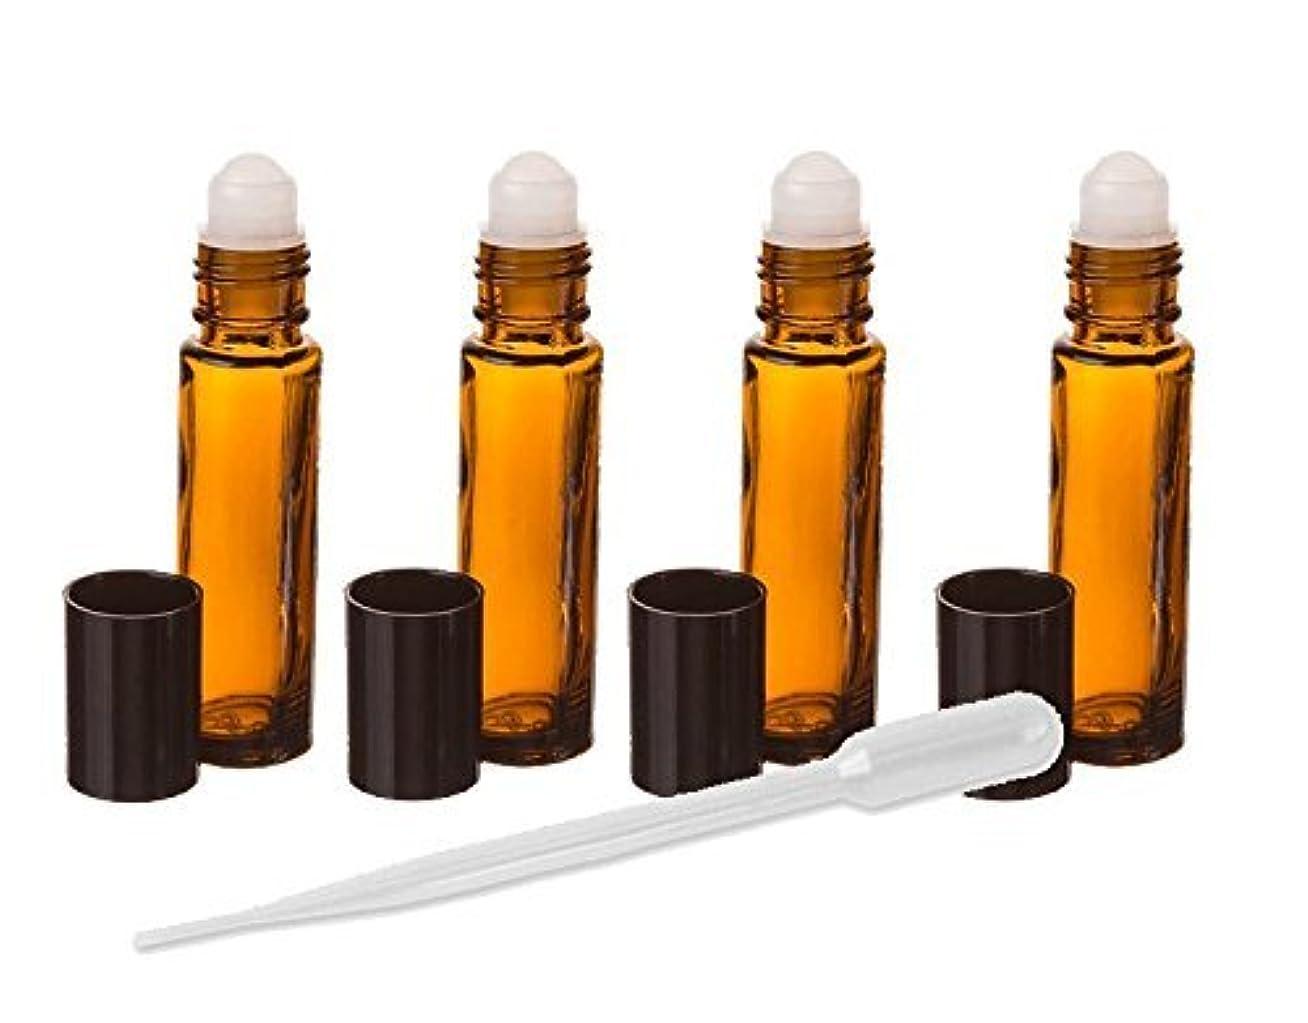 リフト希望に満ちた公演Amber Glass Essential Oil Rollerball Bottles, 8ml Aromatherapy Glass Roll on Bottles - Set of 6 (Amber) by Grand...